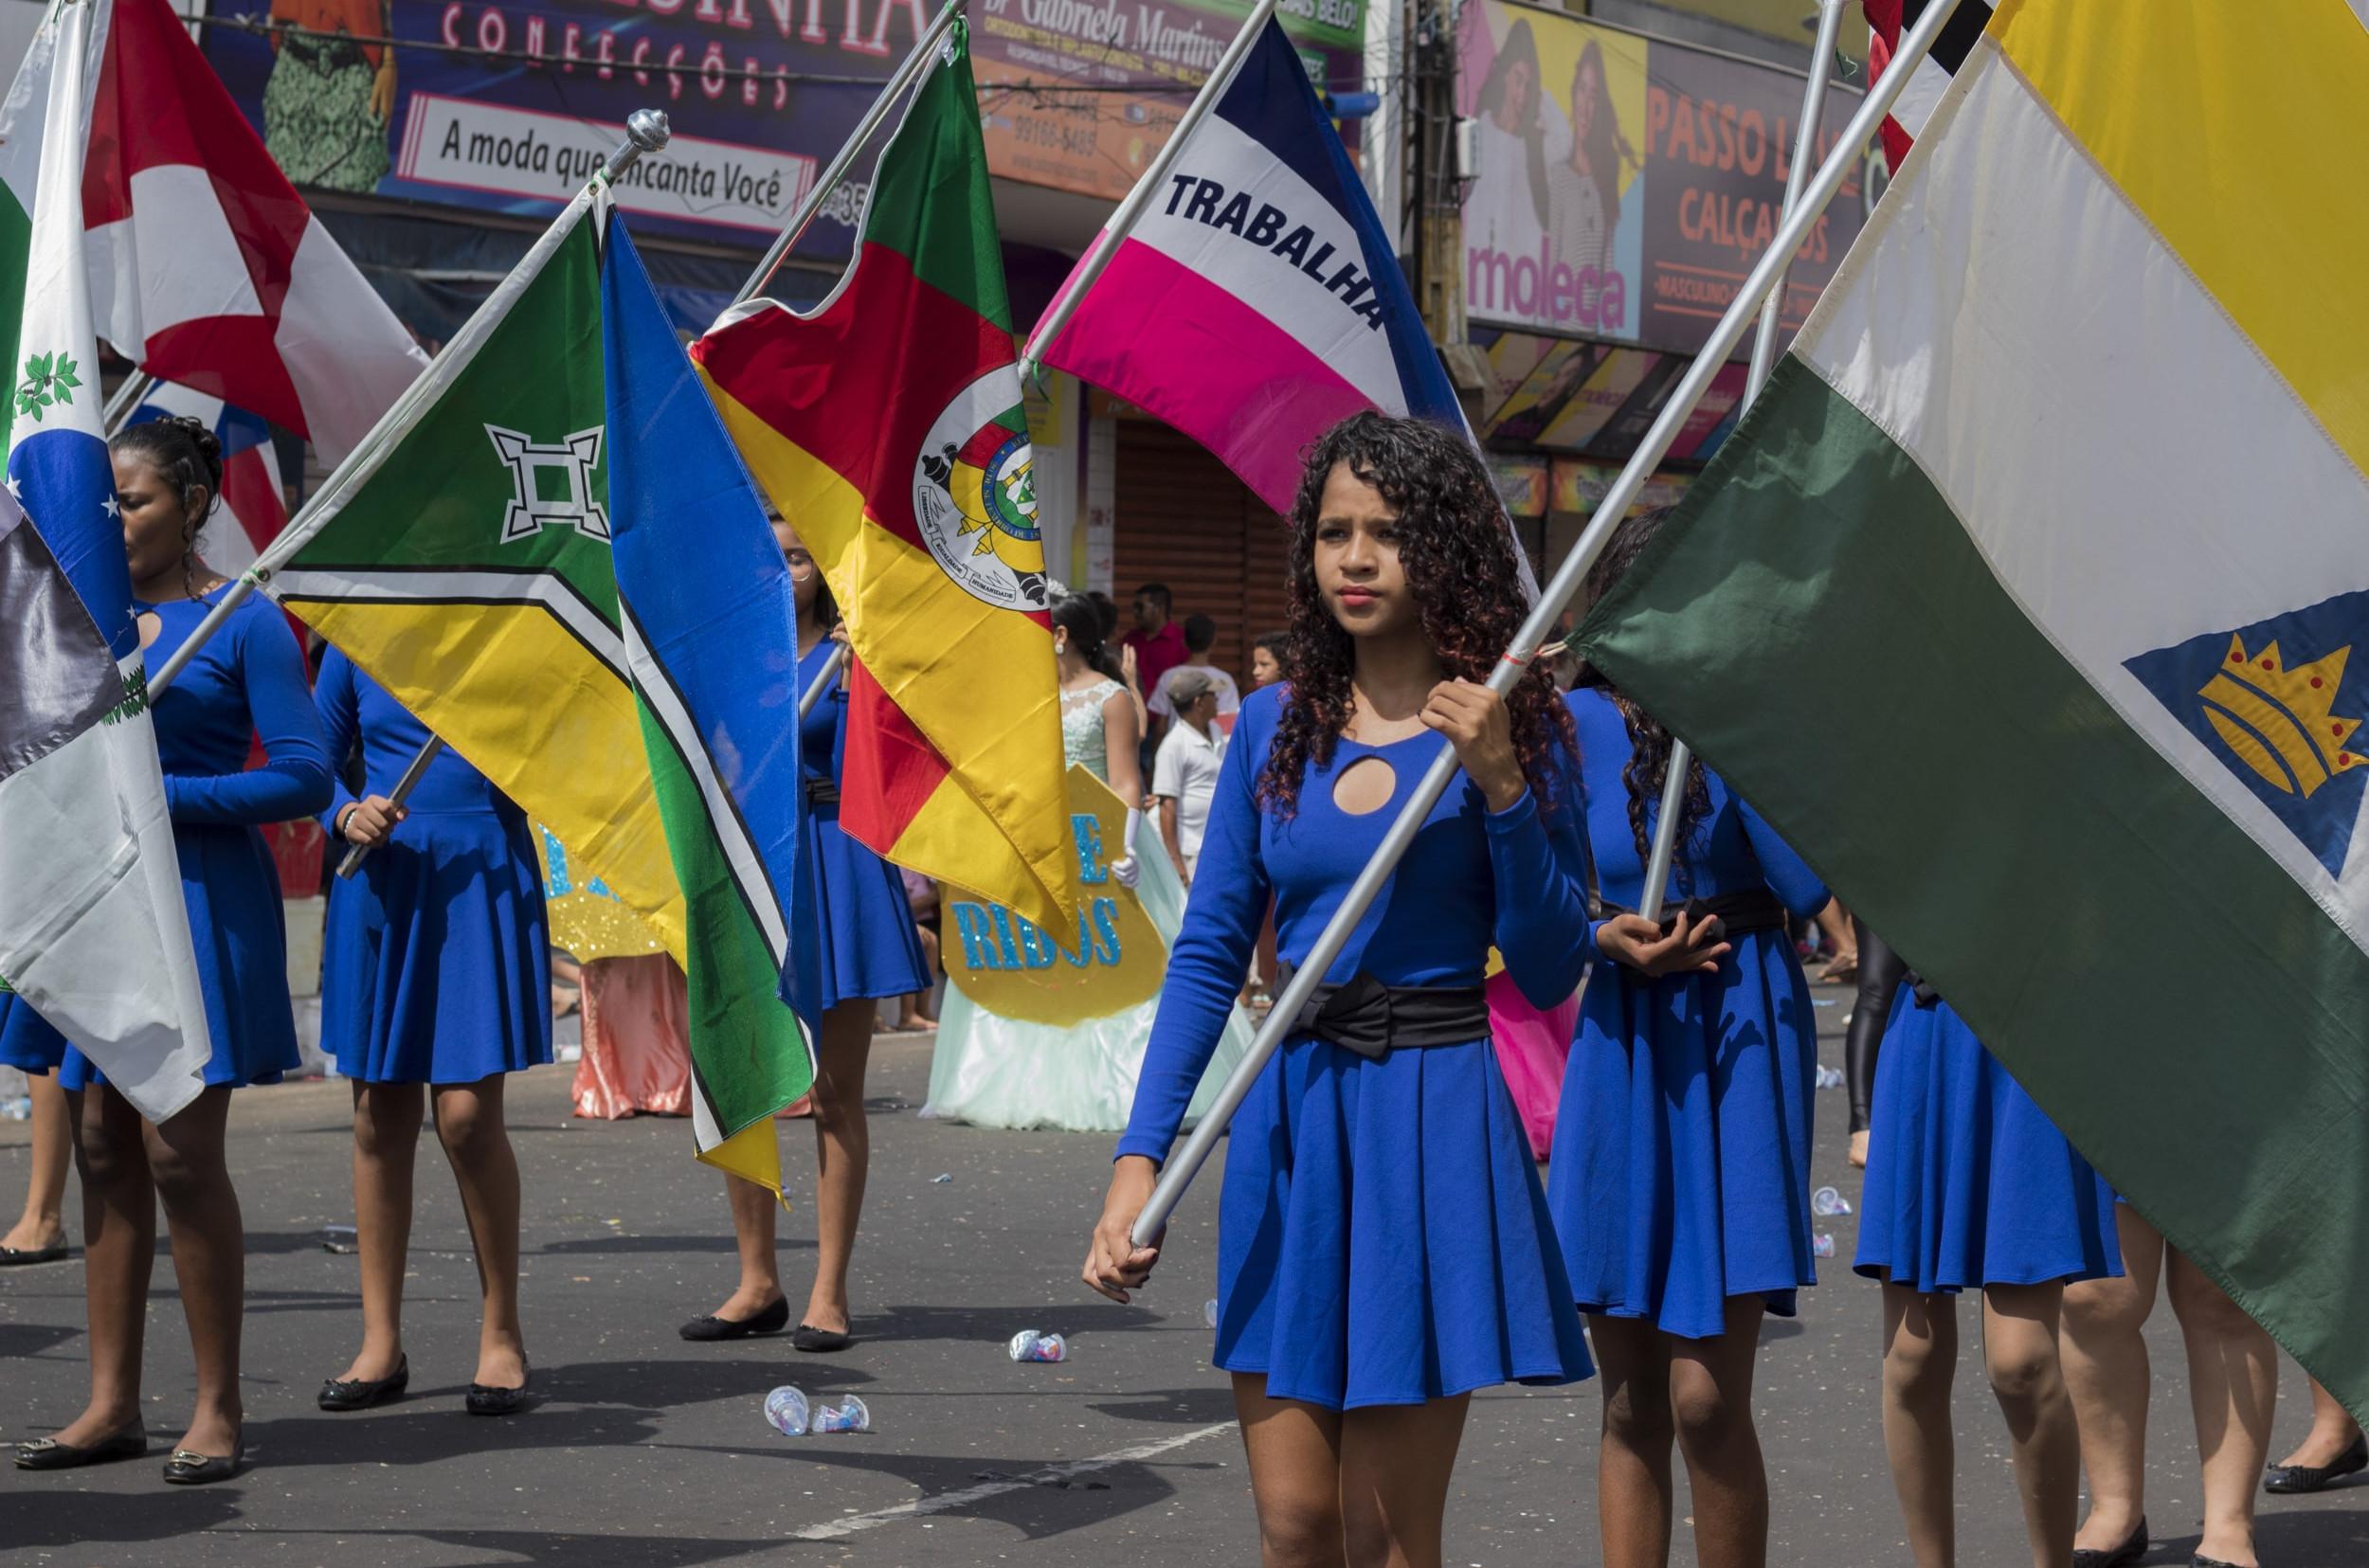 Milhares de pessoas compareceram à Avenida Getúlio Vargas para assistir ao desfile cívico (Foto: Fernando Ralfer/ Jornal Correio)